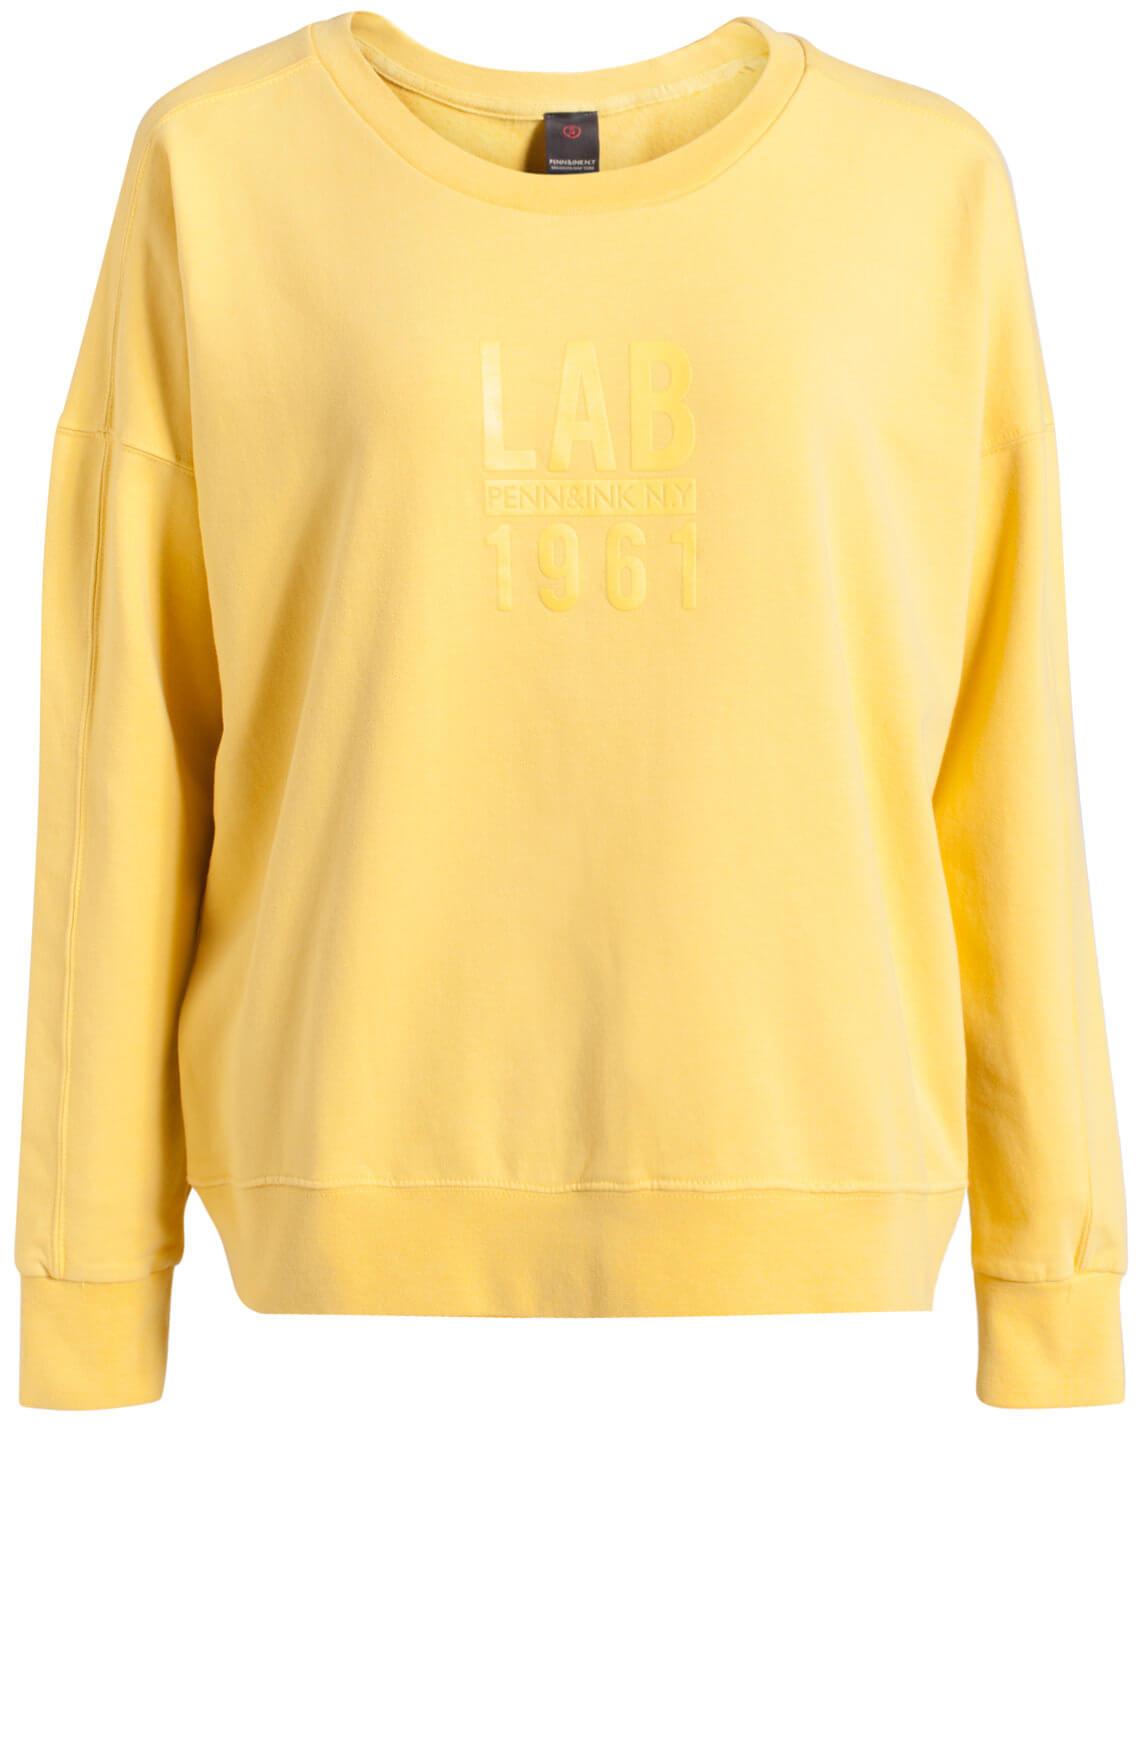 PennInk Sweater 1961' GeelAnna Van 'lab Dames Toor odxBCer